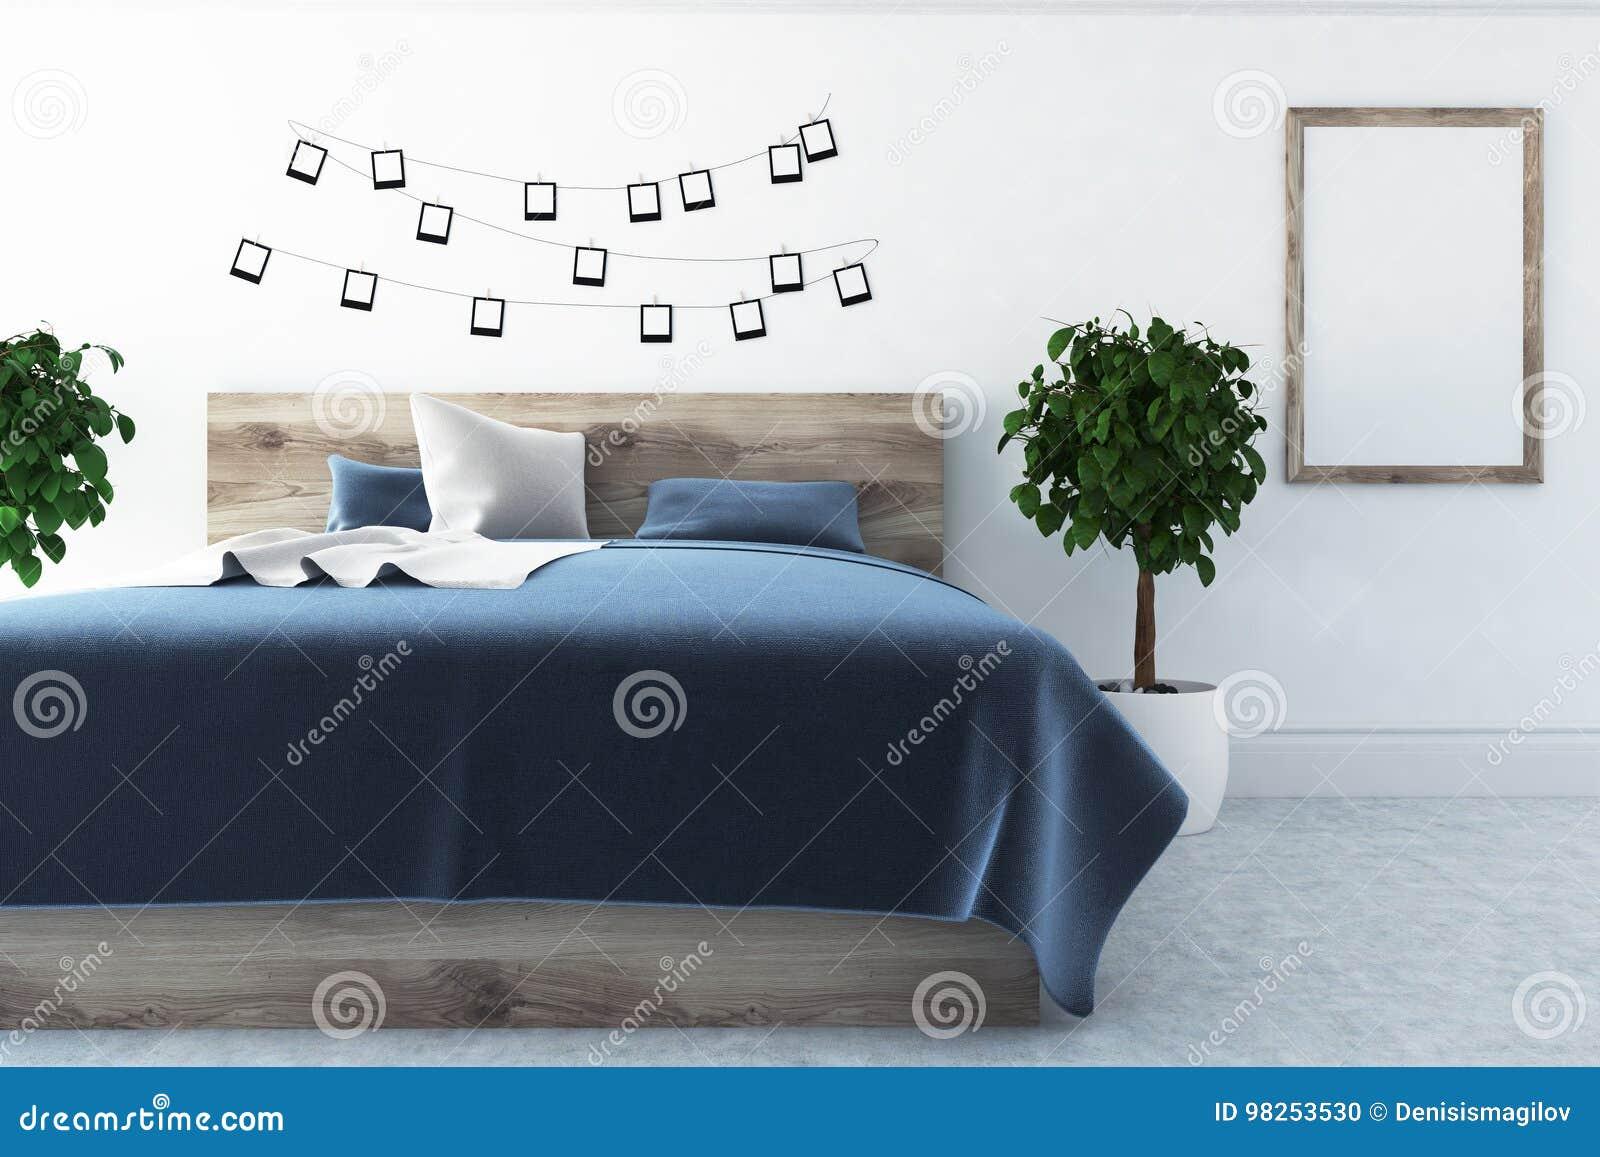 Biała Sypialnia Galeria Zdjęć Ilustracji Ilustracja